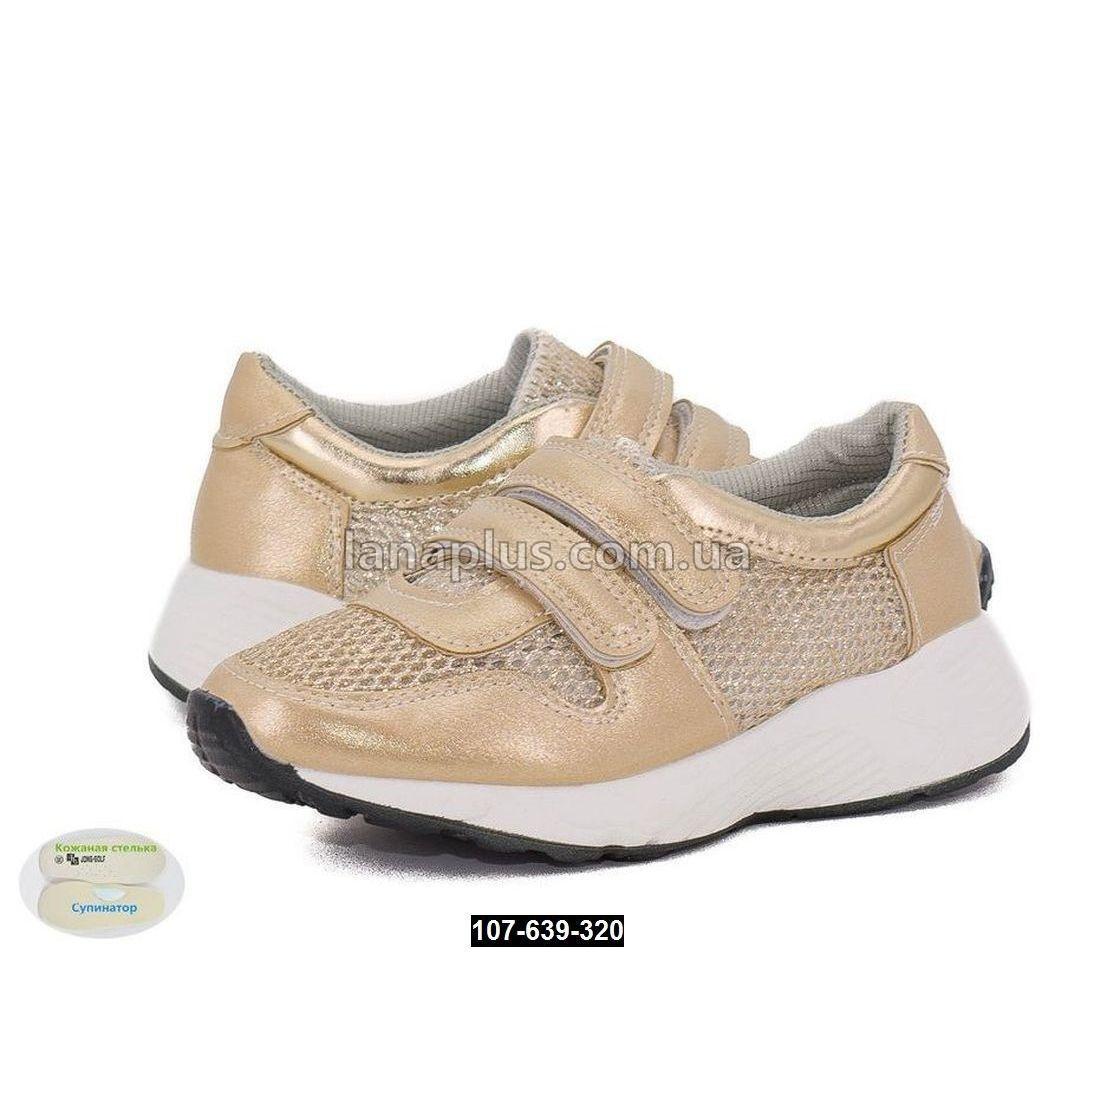 Дышащие кроссовки, слипоны для девочки, 36 размер (22.7 см), супинатор, кожаная стелька